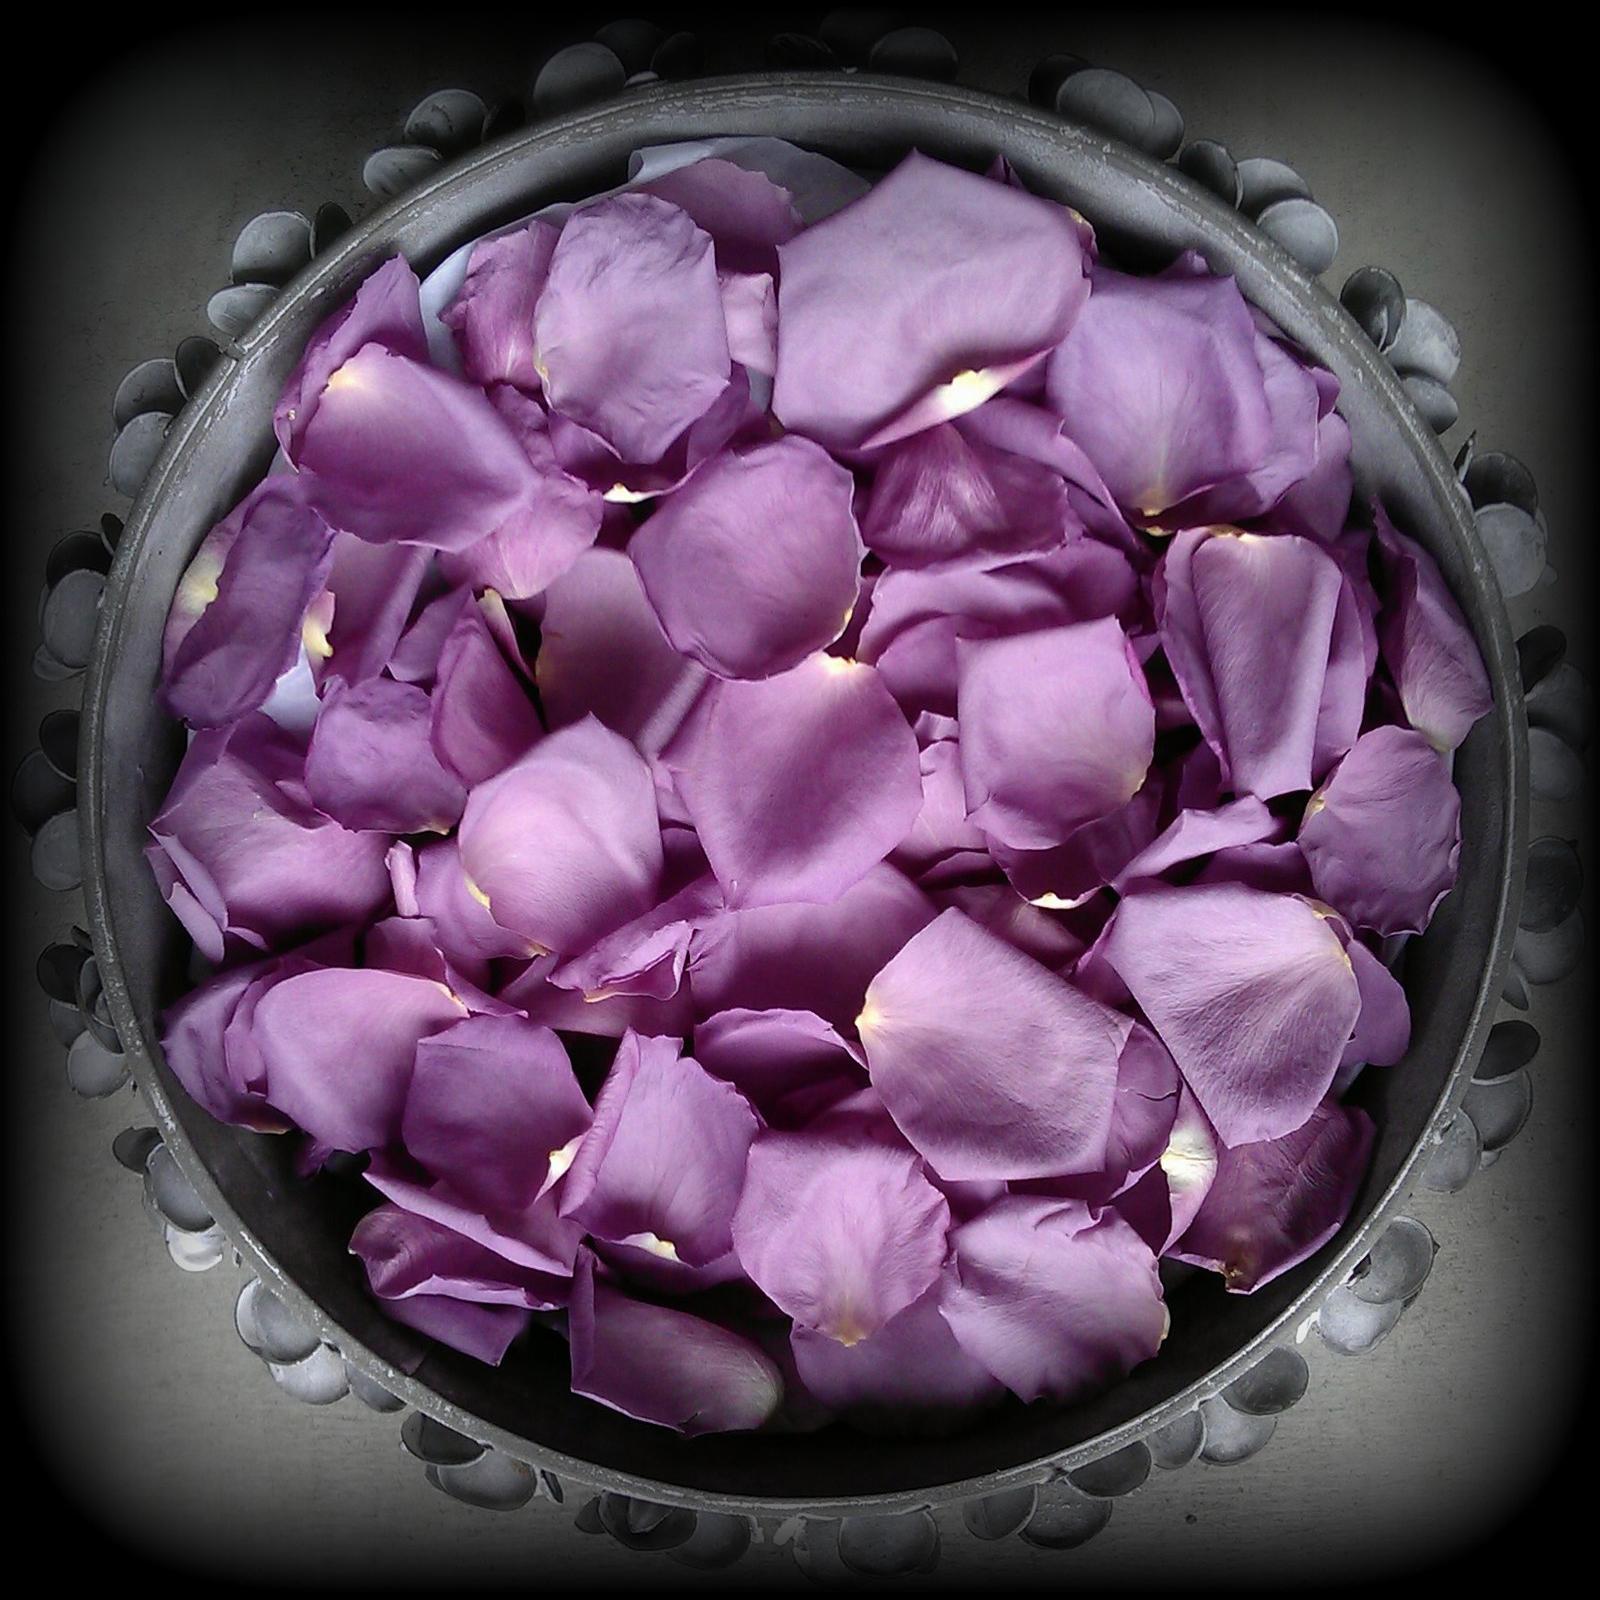 Classic lavender